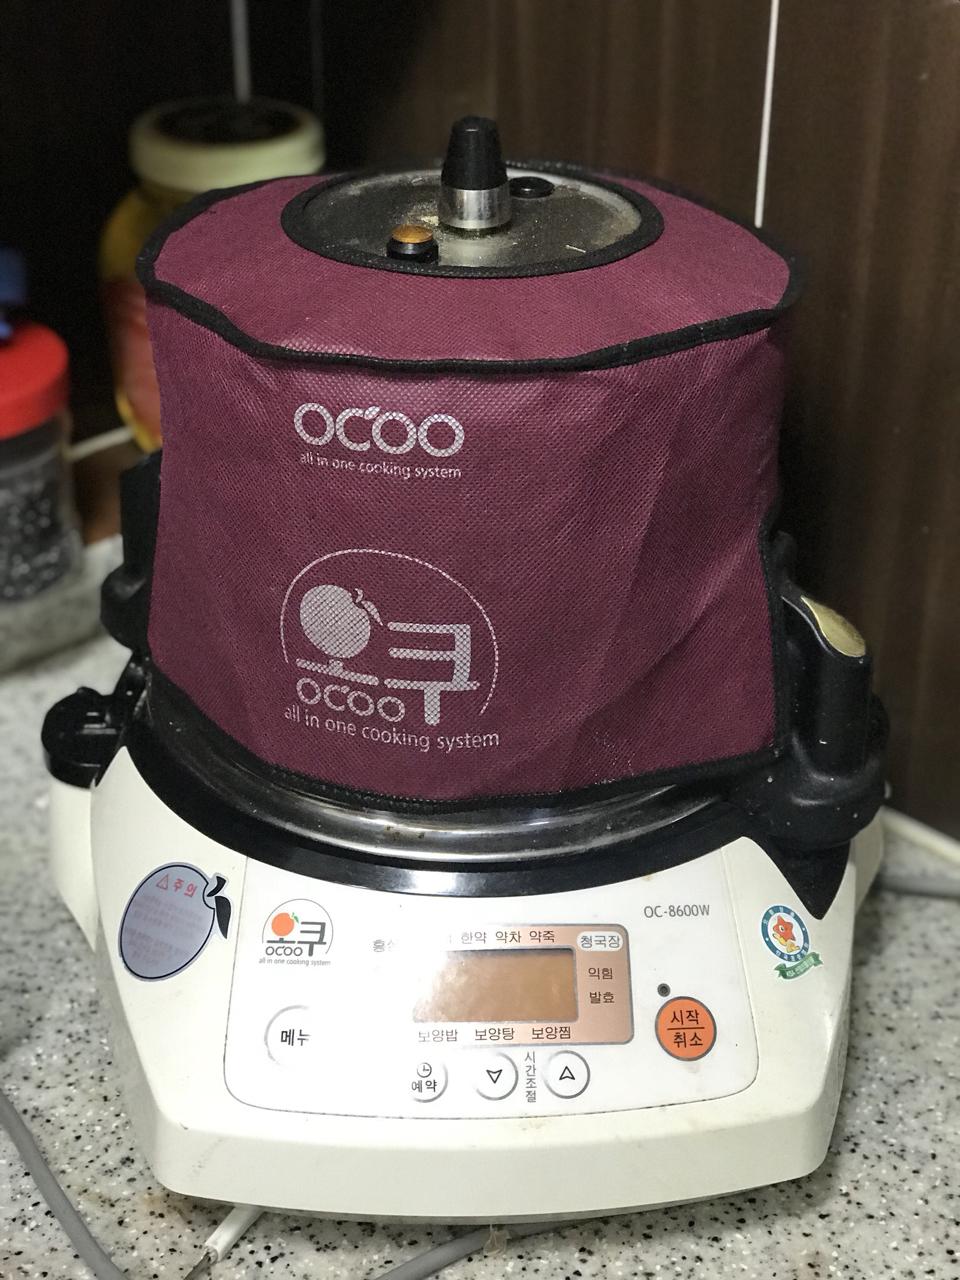 오쿠 8600w (택포)